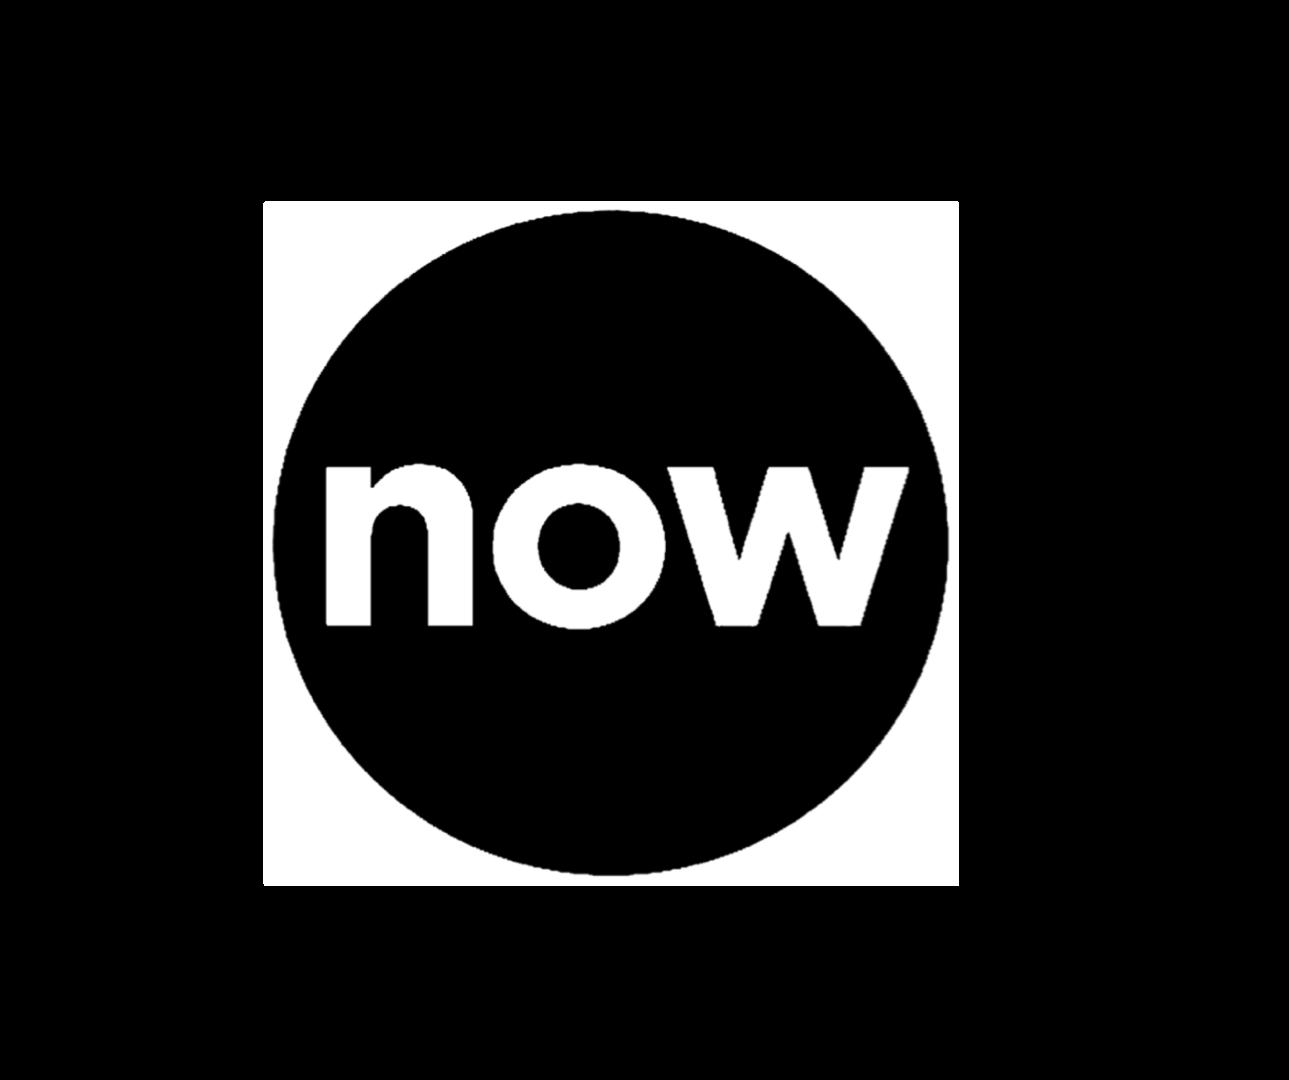 Now Creative